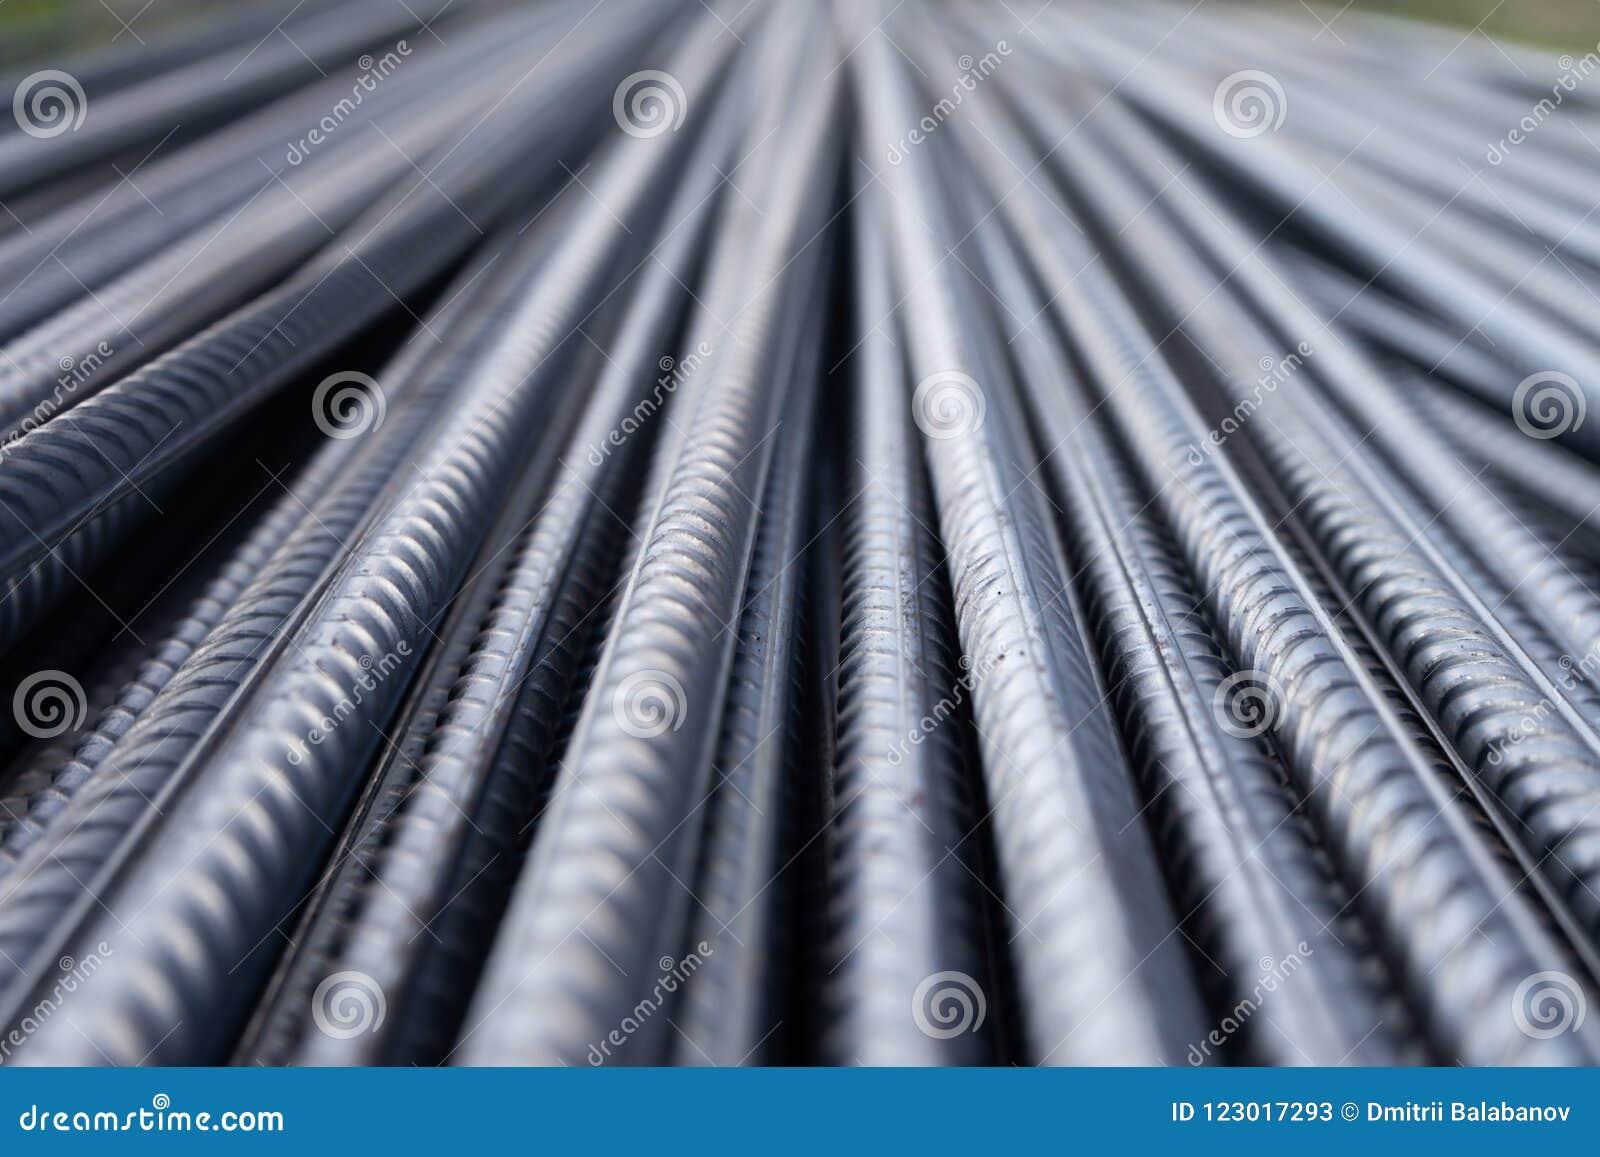 Pilha de barras do reforço do metal pesado com textura periódica do perfil Feche acima da armadura de aço da construção B industr